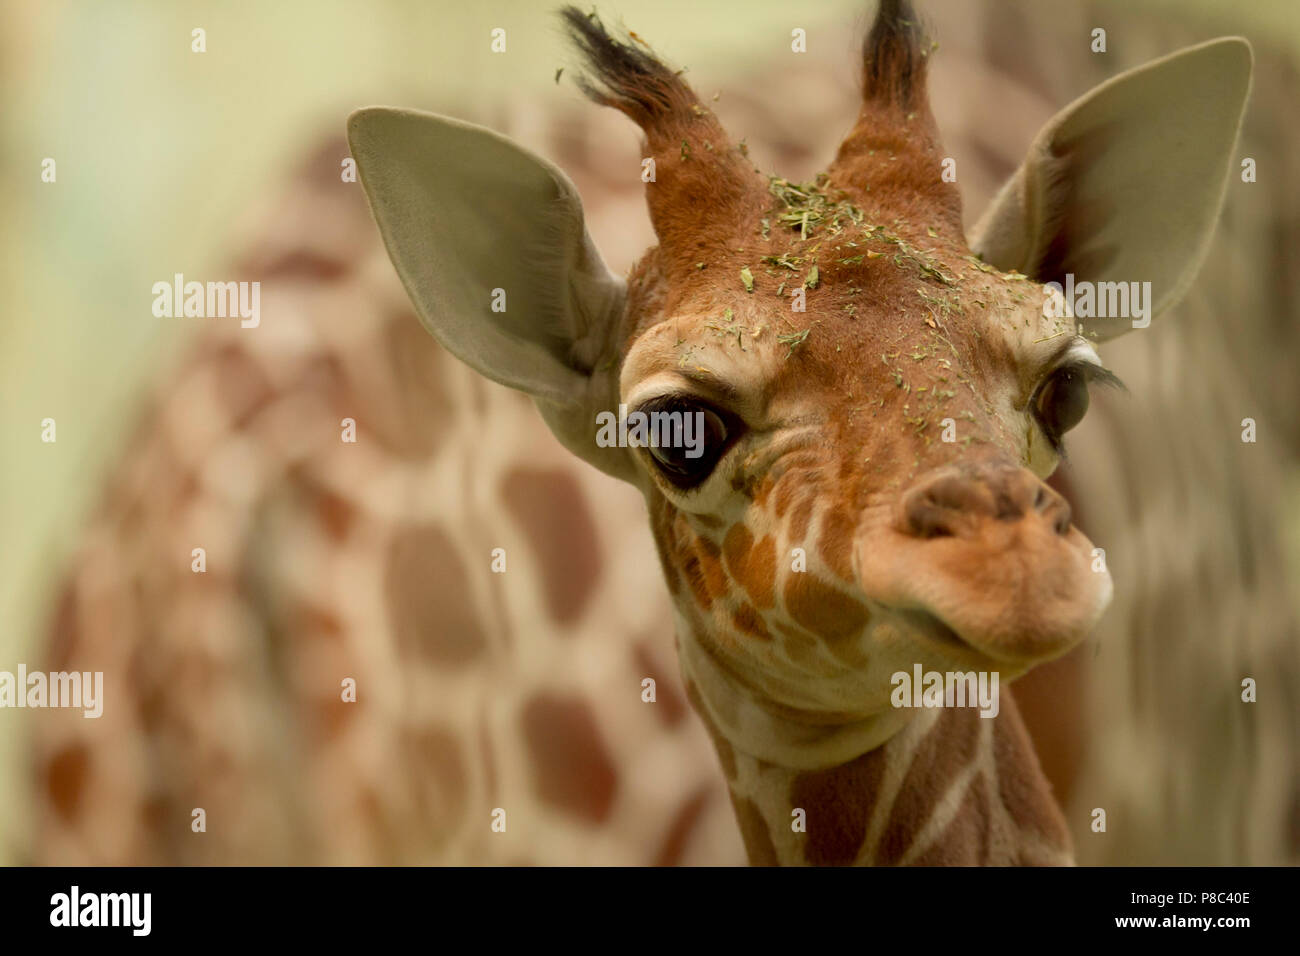 Süßeste Baby Giraffe Portrait Stockfoto Bild 211708238 Alamy